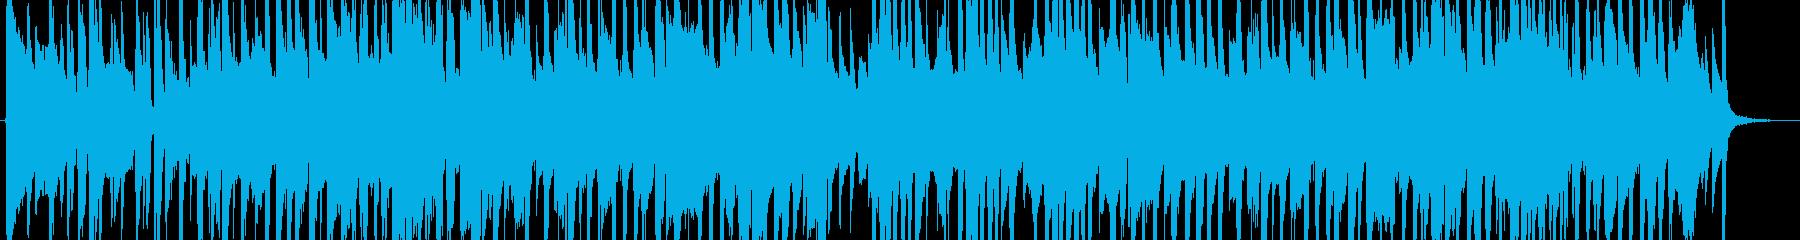 トロンボーン、ジャジーに軽快なんの再生済みの波形